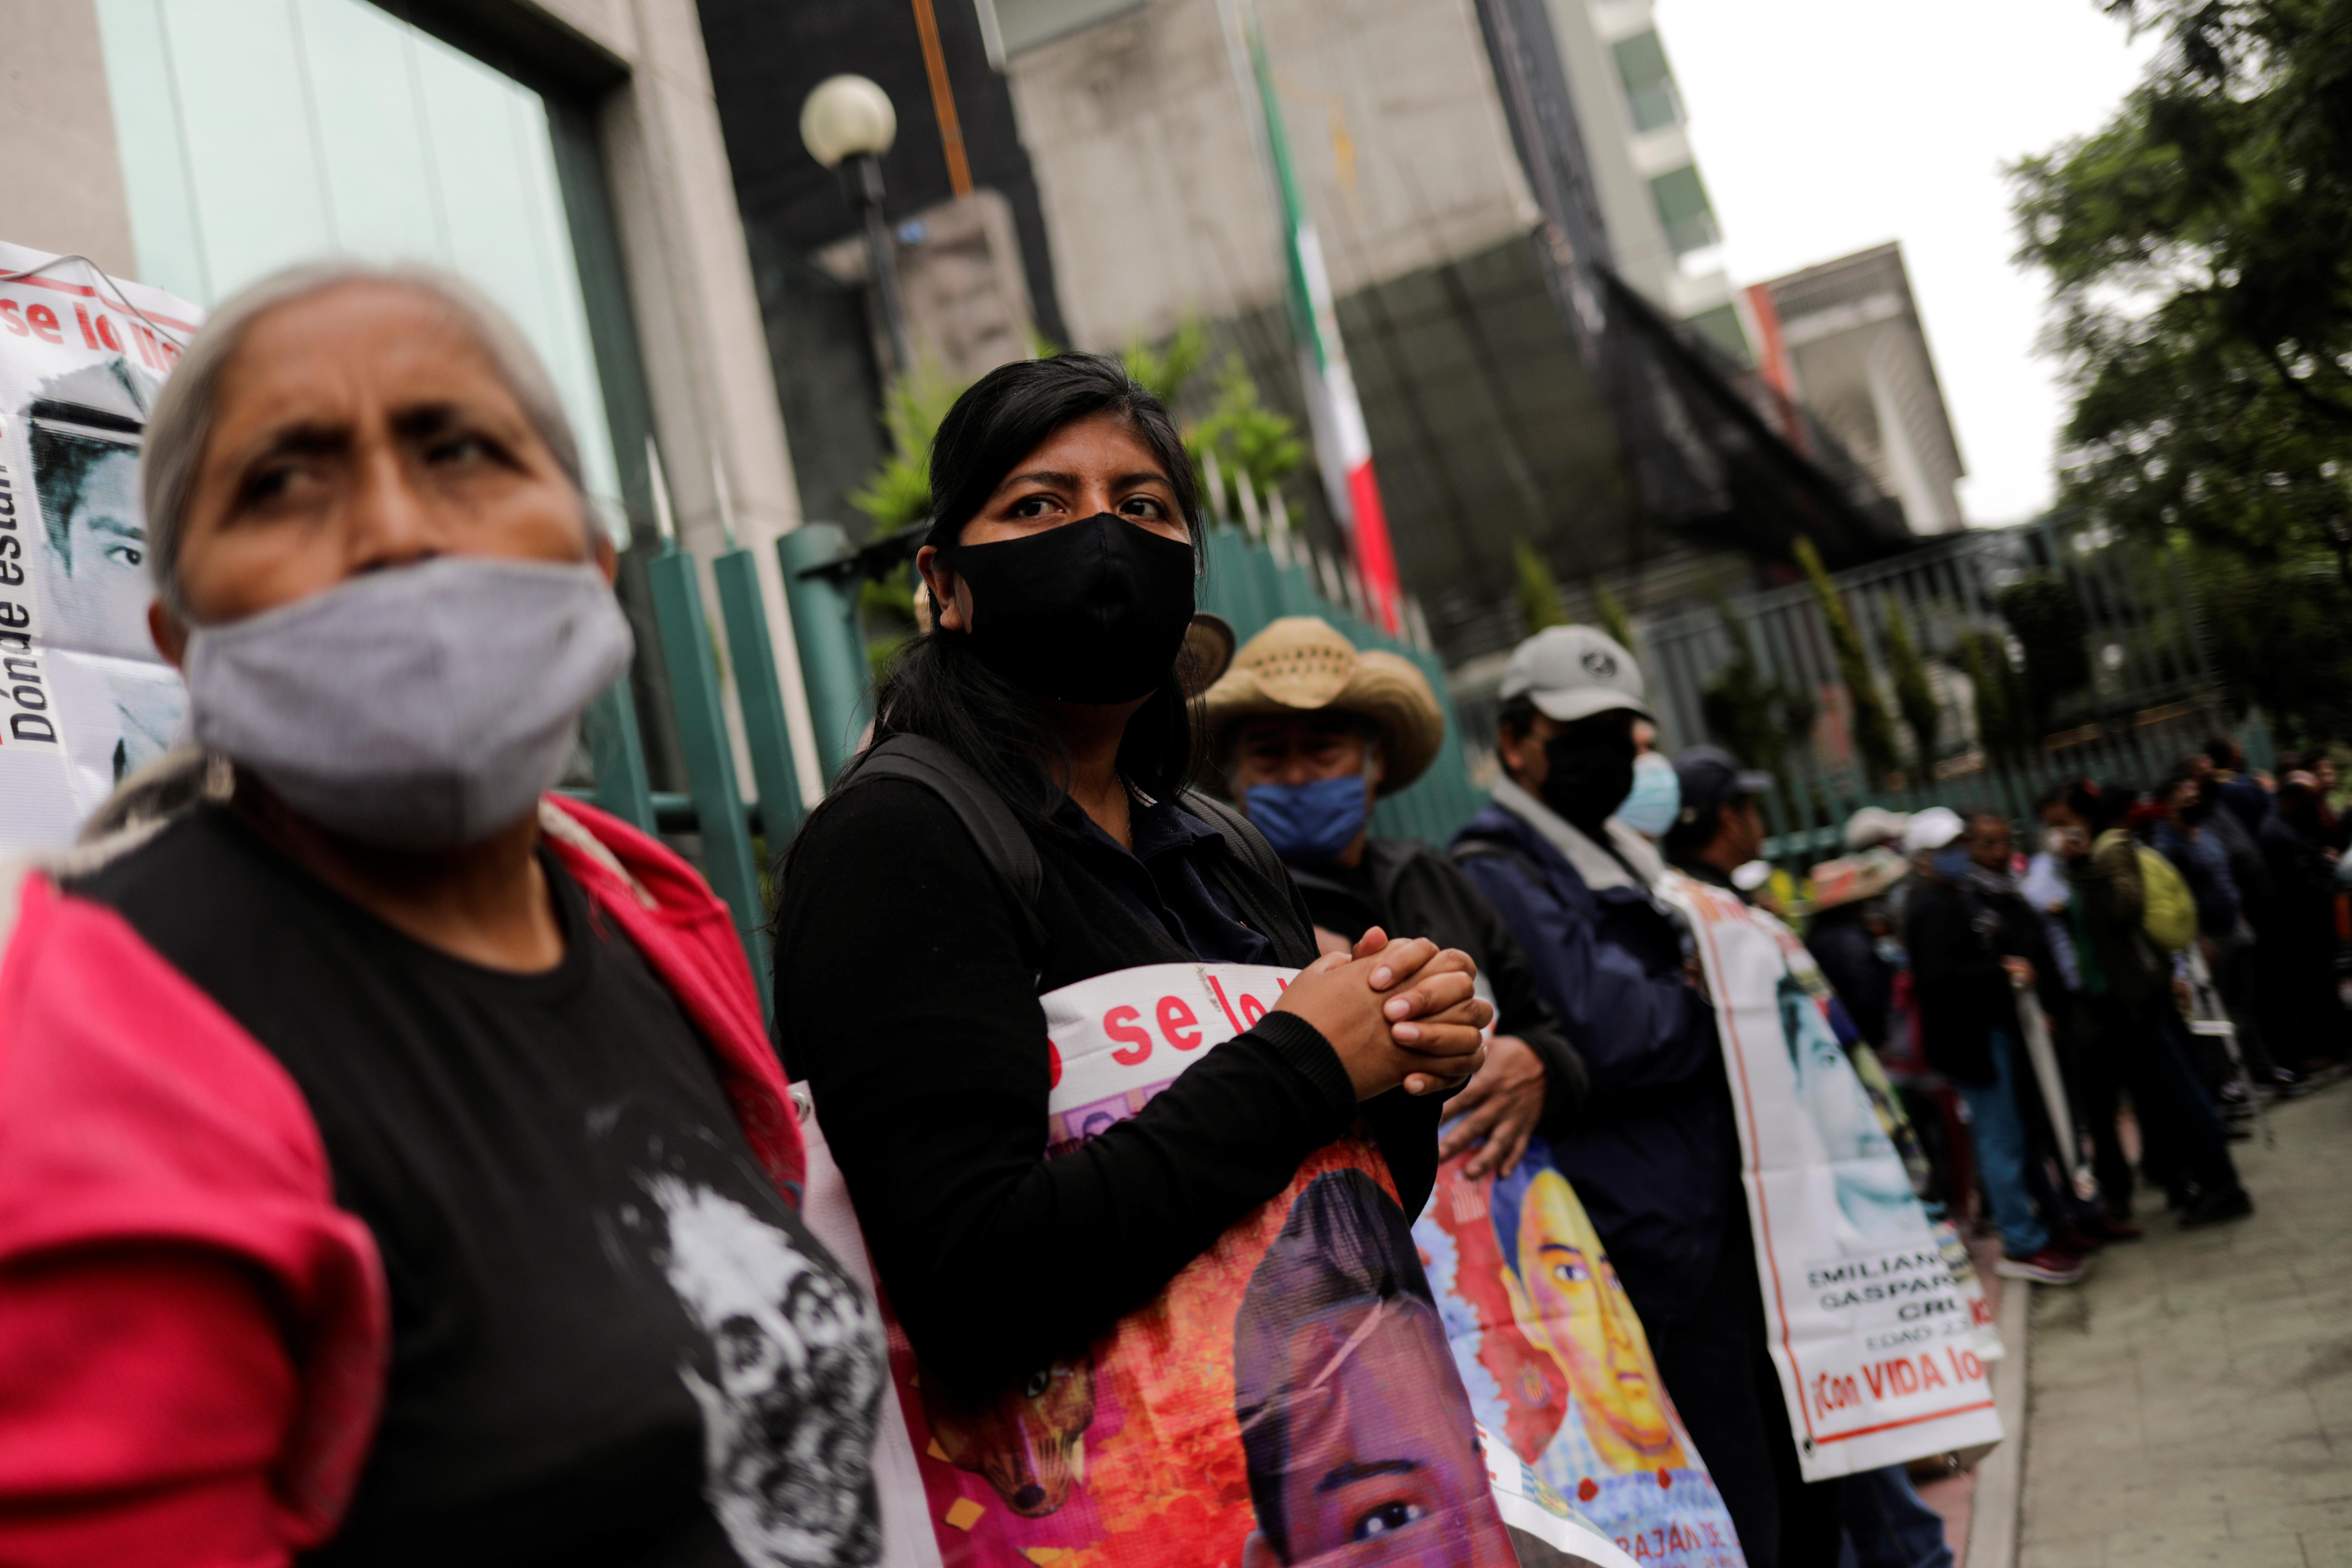 Familiares de estudiantes desaparecidos sostienen carteles durante una protesta frente a la Corte Suprema de Justicia, antes del sexto aniversario de la desaparición de 43 estudiantes de la Escuela de Formación de Maestros de Ayotzinapa, en la Ciudad de México, México 23 de septiembre de 2020.